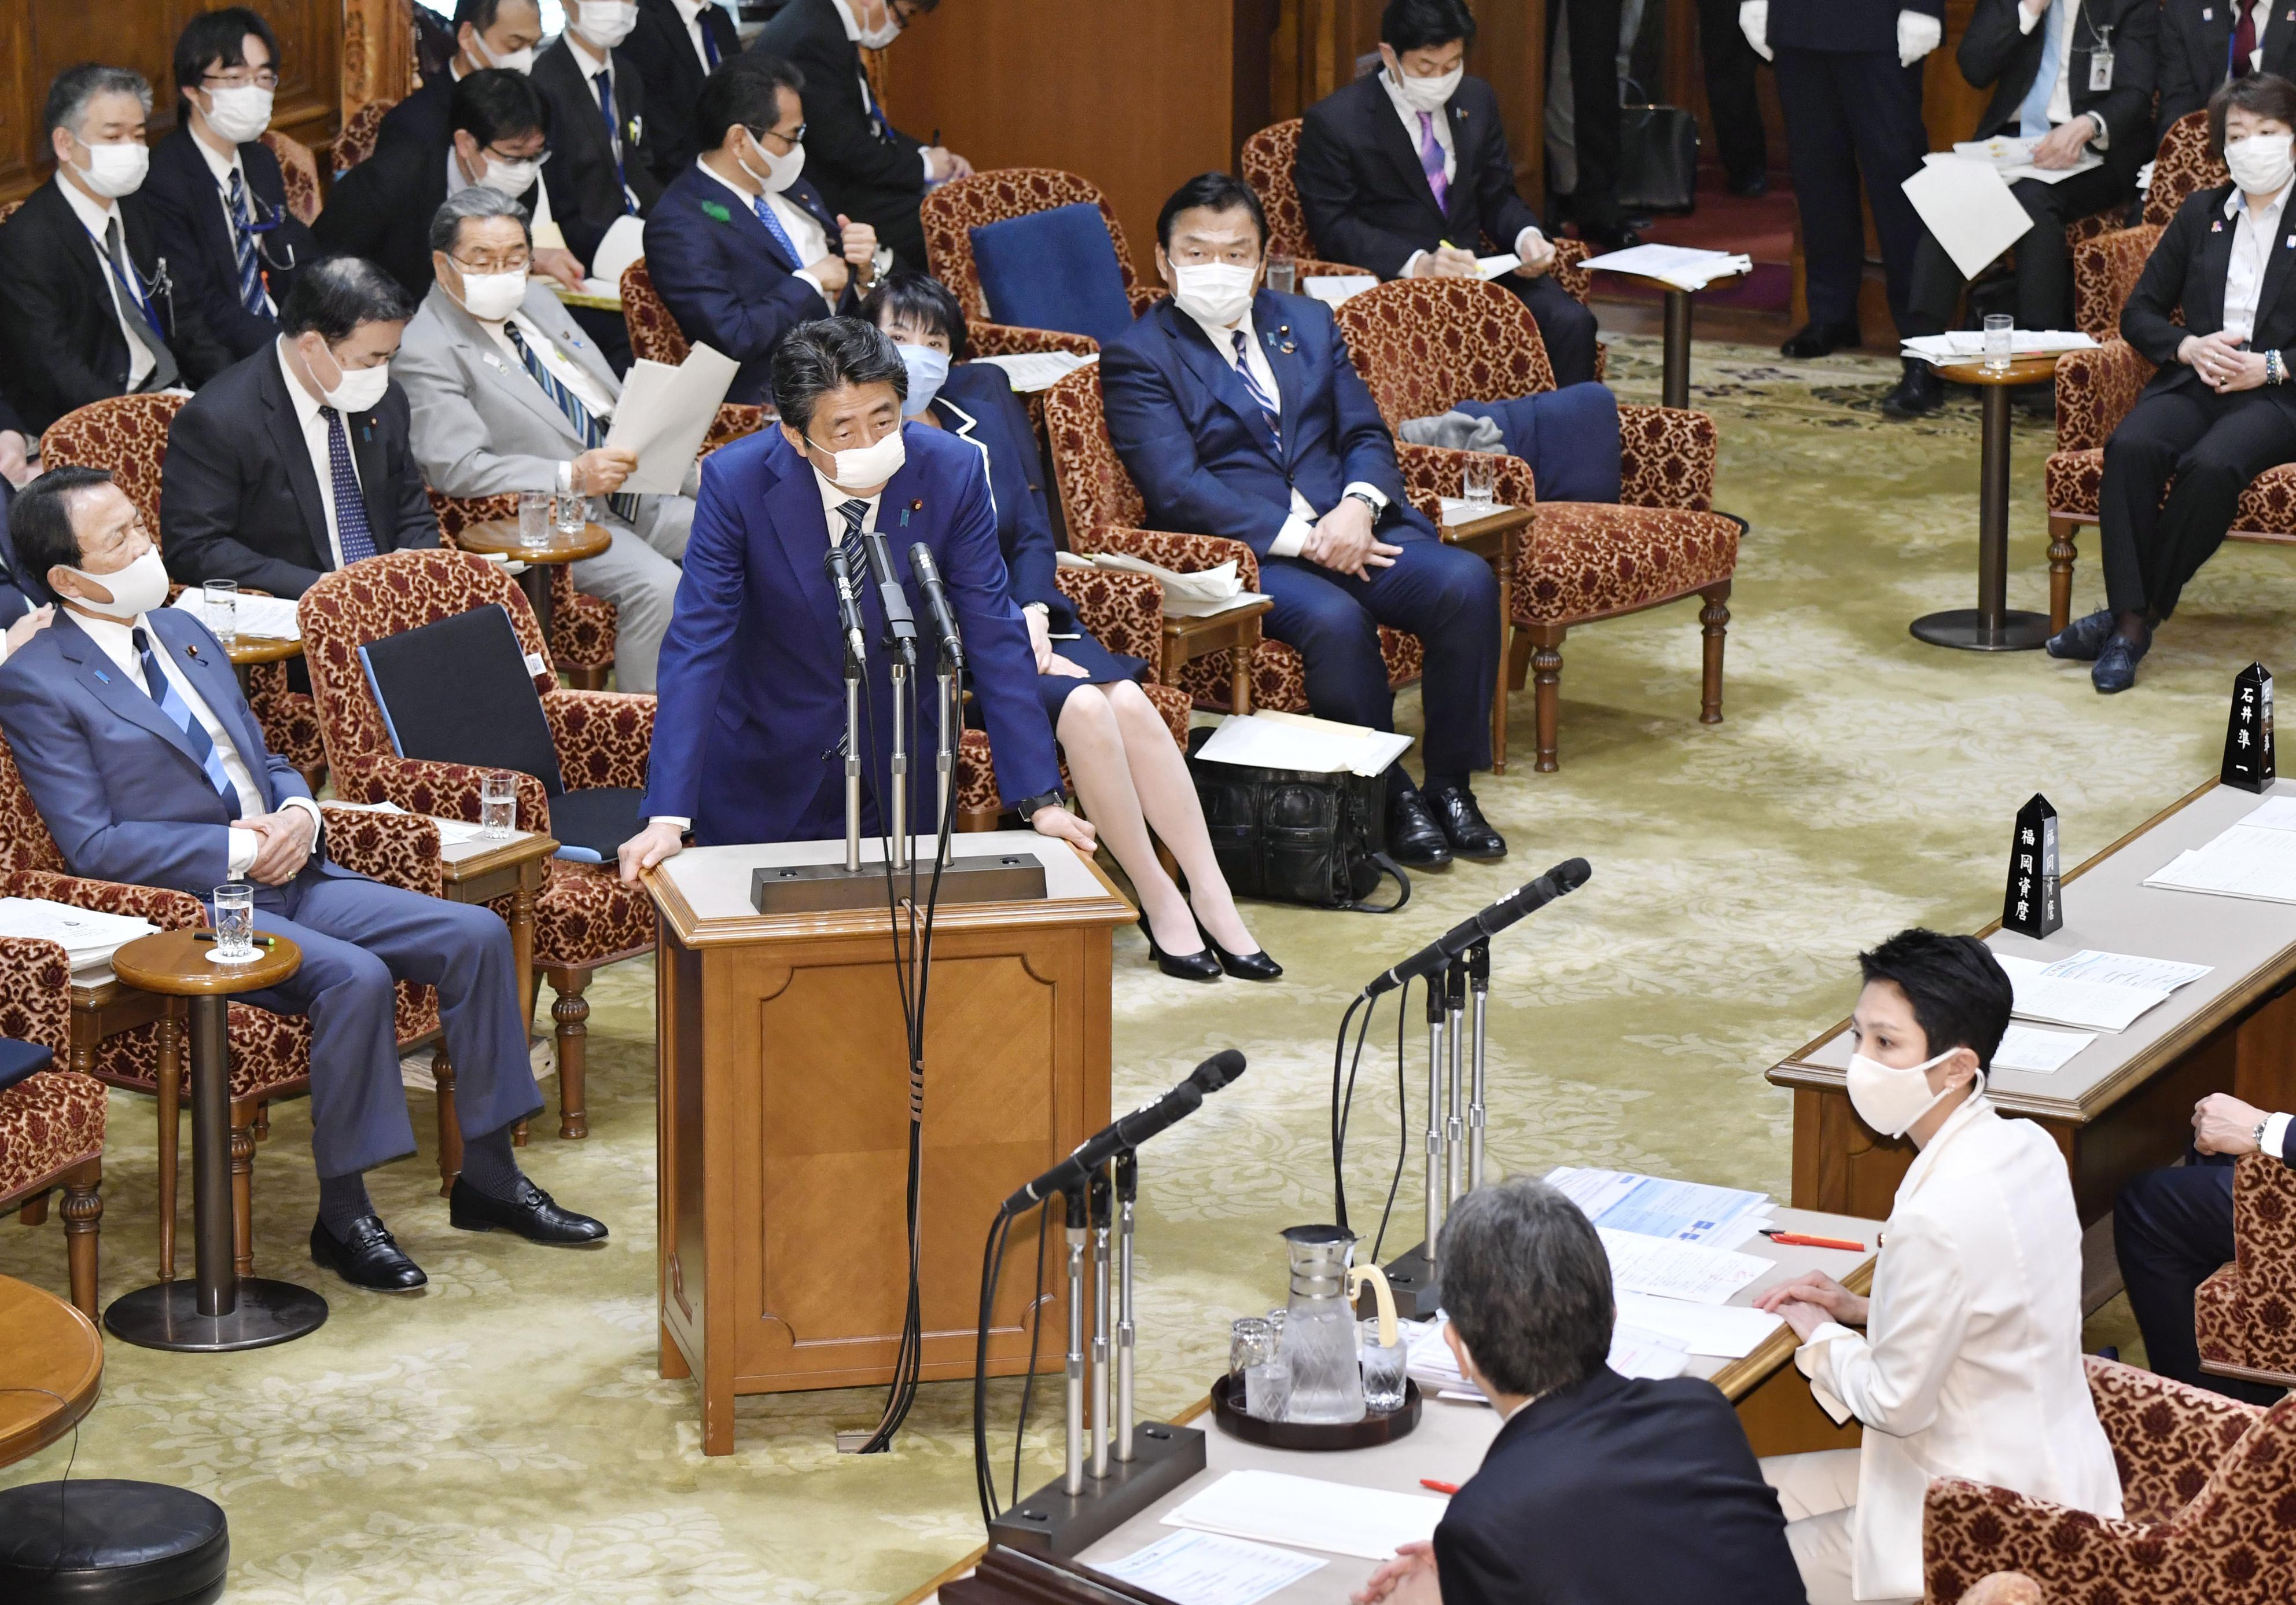 参院予算委で立憲民主党の蓮舫氏(右下)の質問に答える安倍首相=29日午後